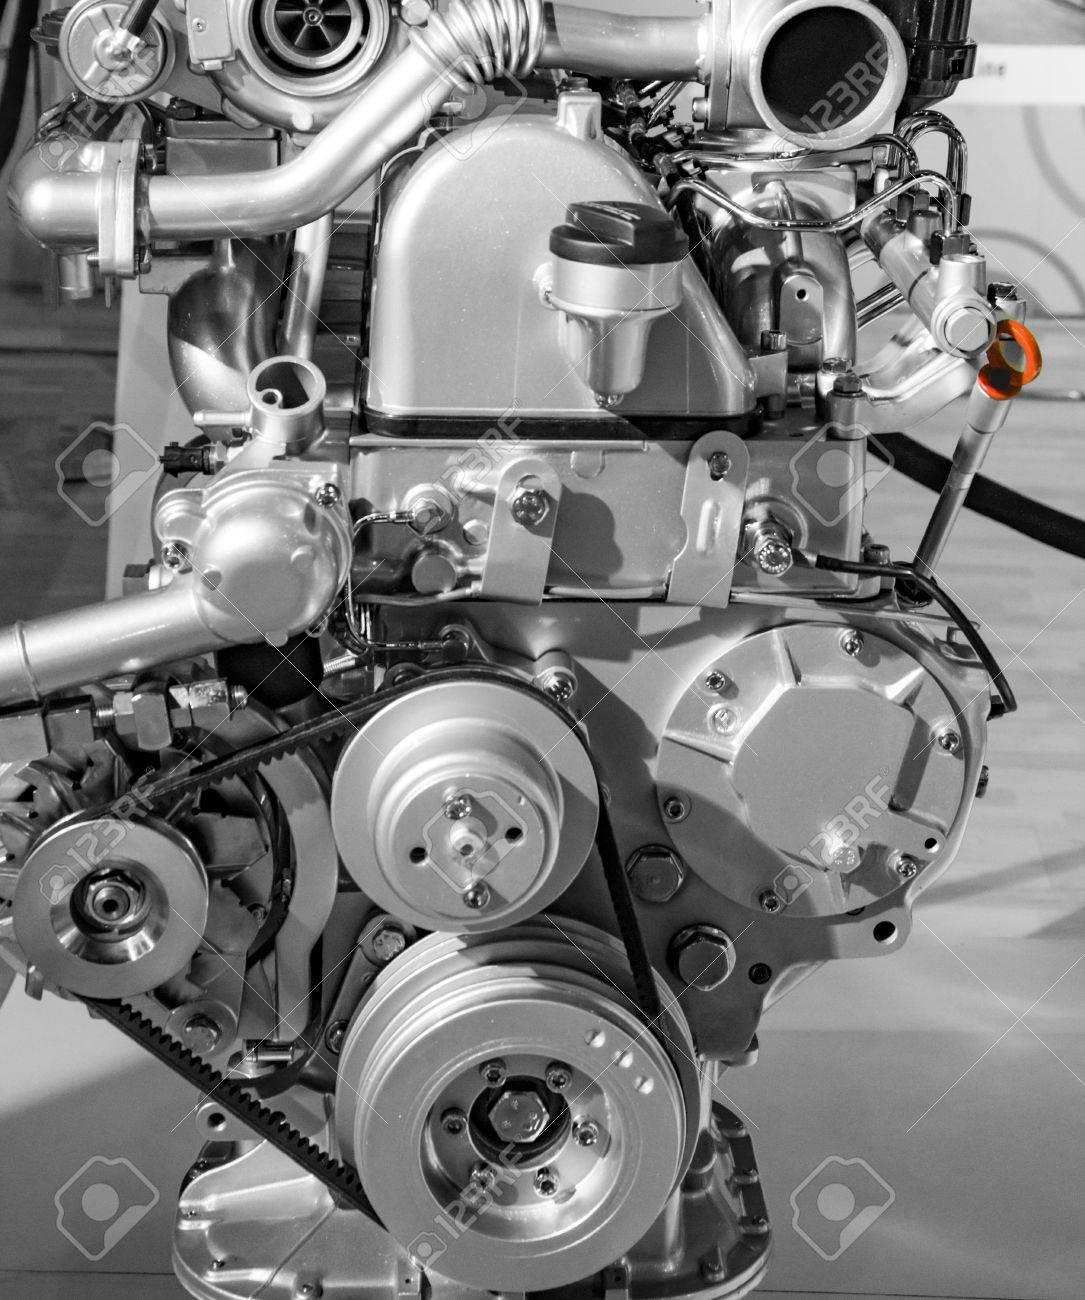 Rotierende Teile Des Automotors Mit Gürtel Und Andere Stücke ...